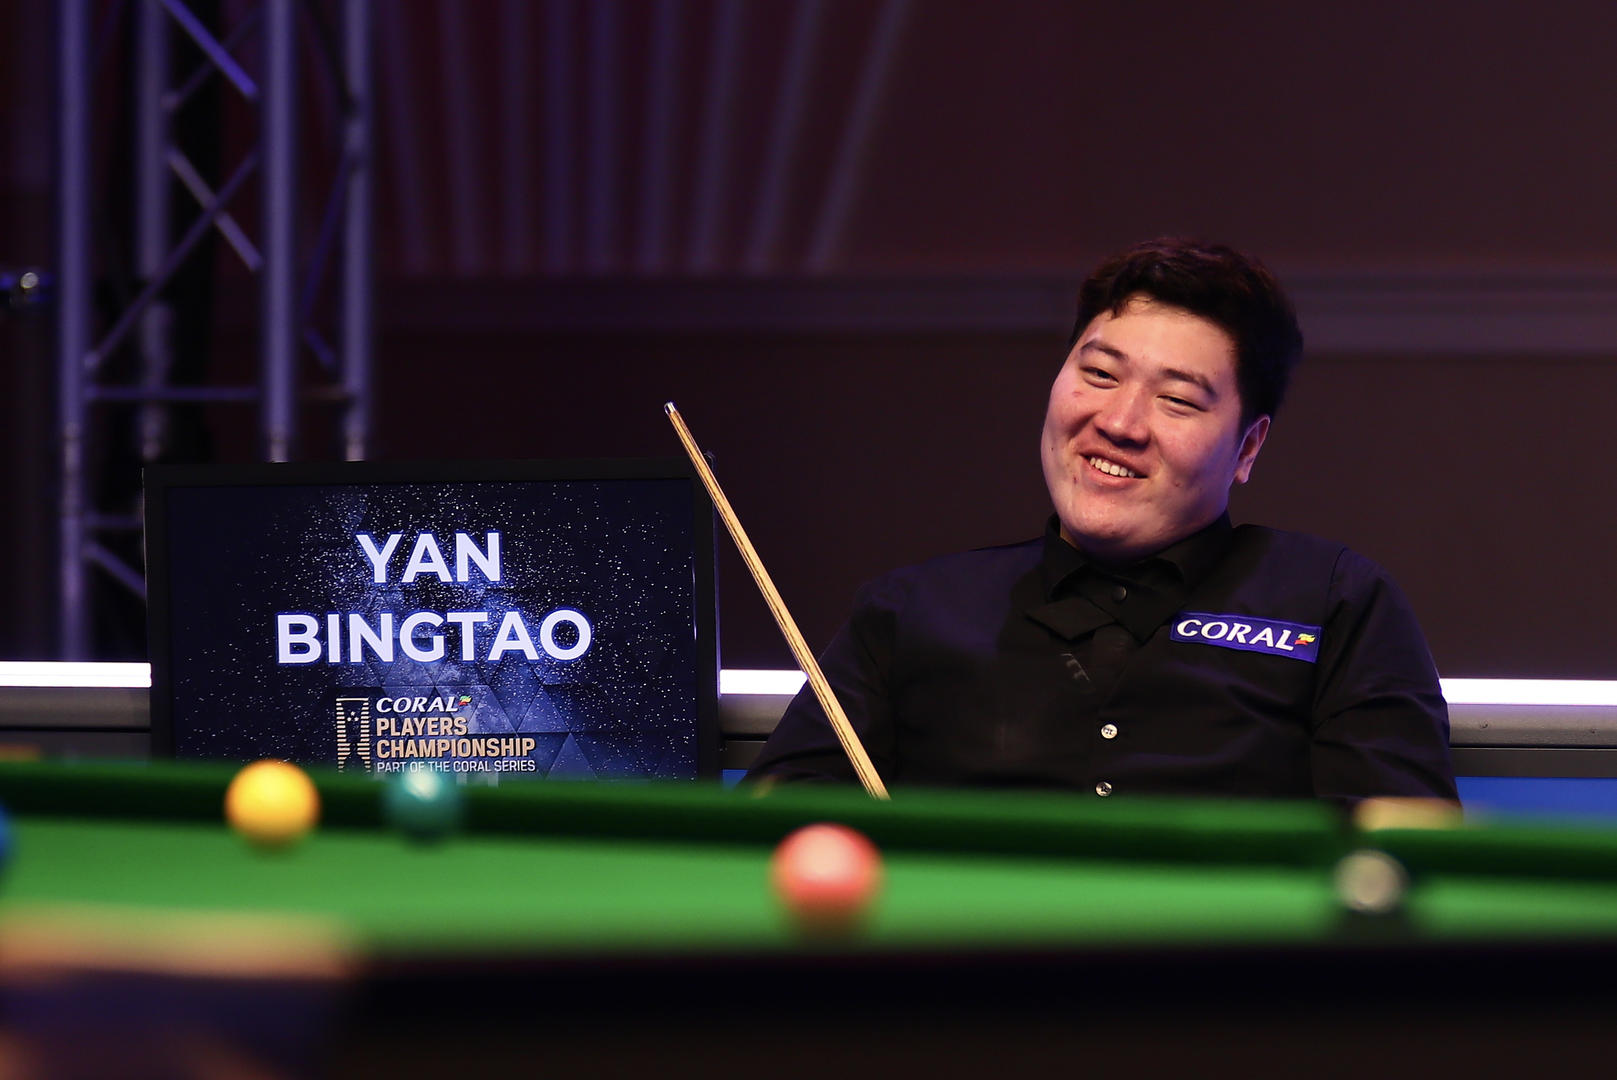 斯诺克大师赛首秀即夺冠 00后中国选手颜丙涛创下多项纪录